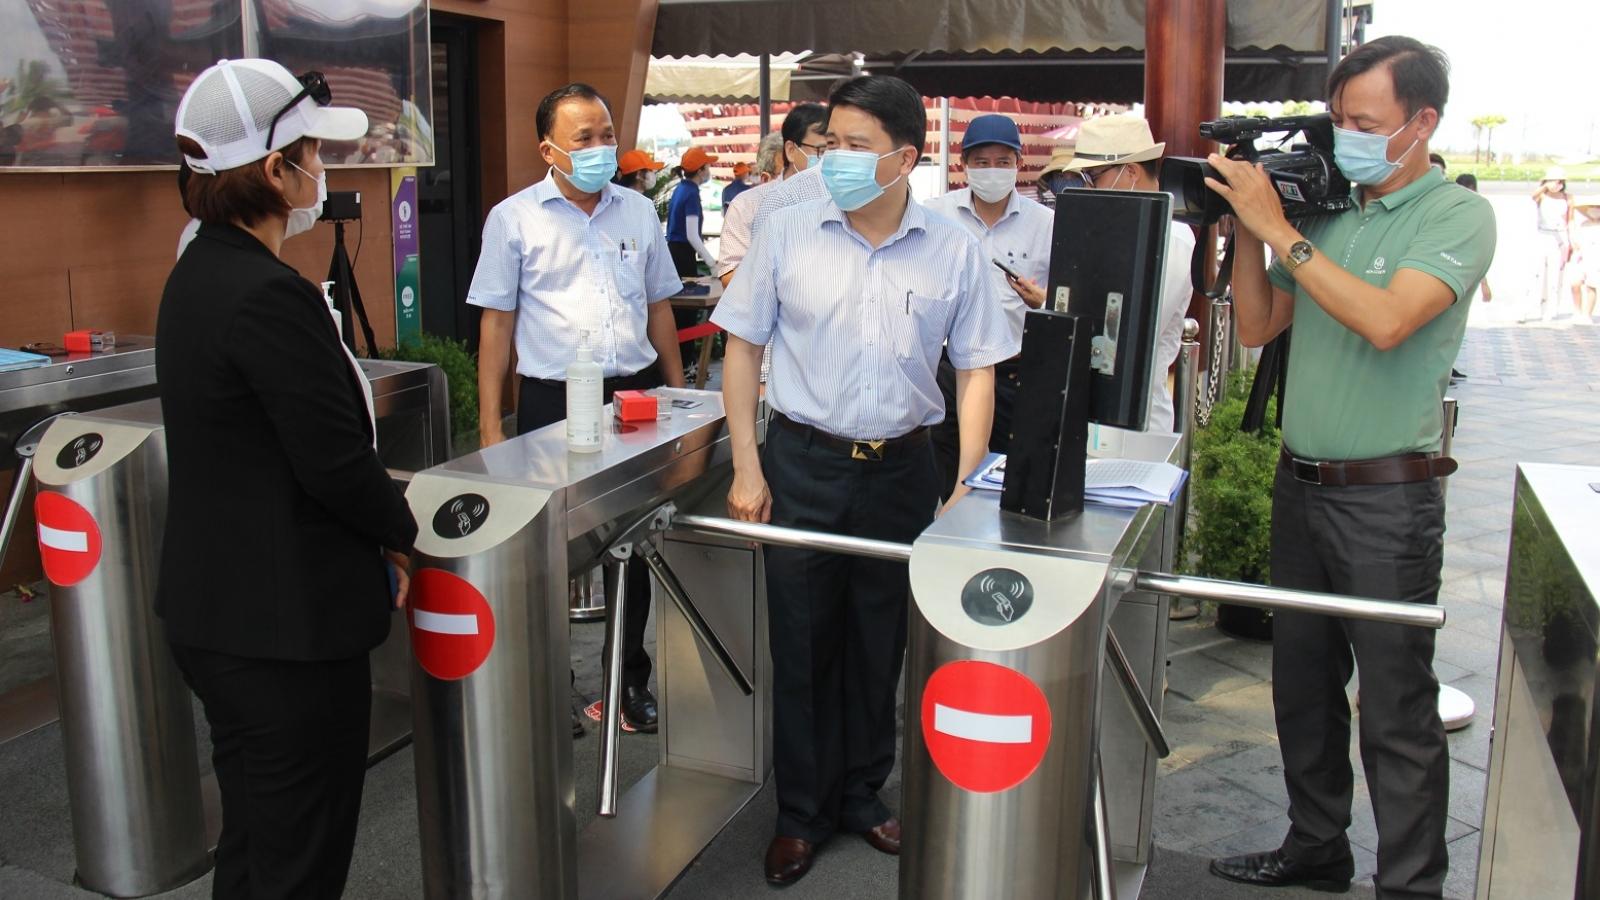 Quảng Nam lấy mẫu xét nghiệm Covid-19 ngẫu nhiên trong cộng đồng